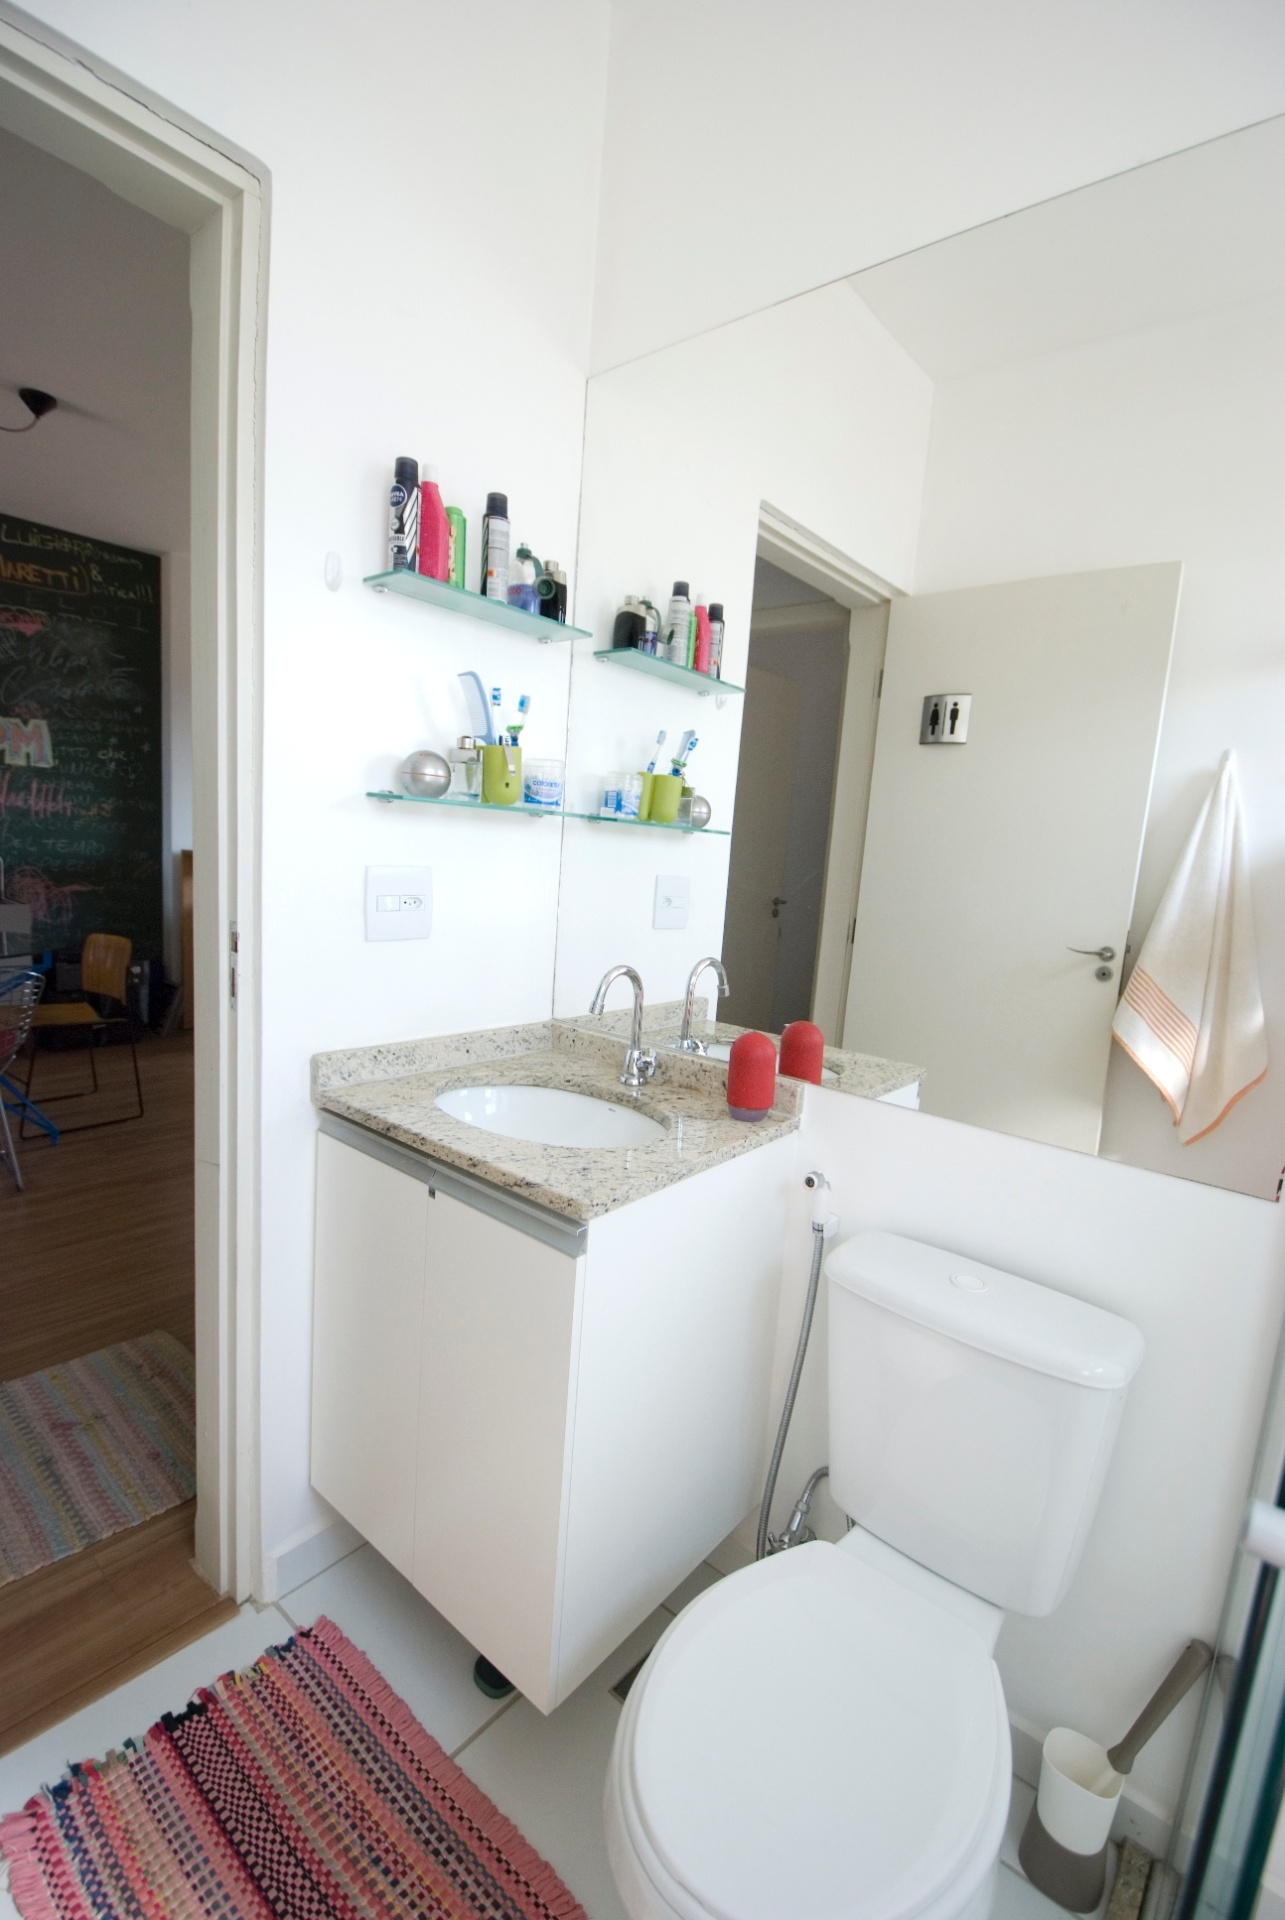 Inspire se em projetos de arquitetura e decoração para casas BOL  #684641 1285 1920